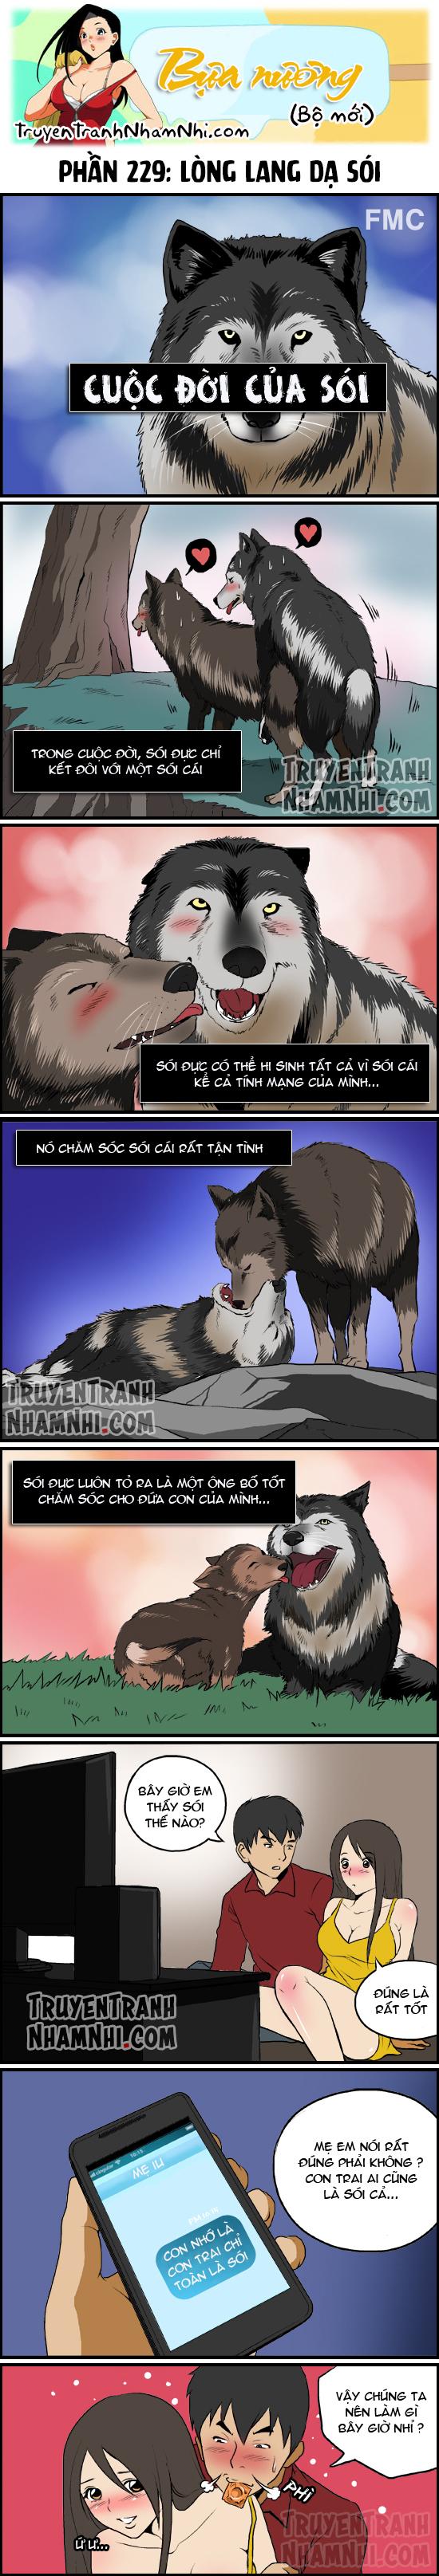 Bựa nương (bộ mới) phần 229: Lòng lang dạ sói